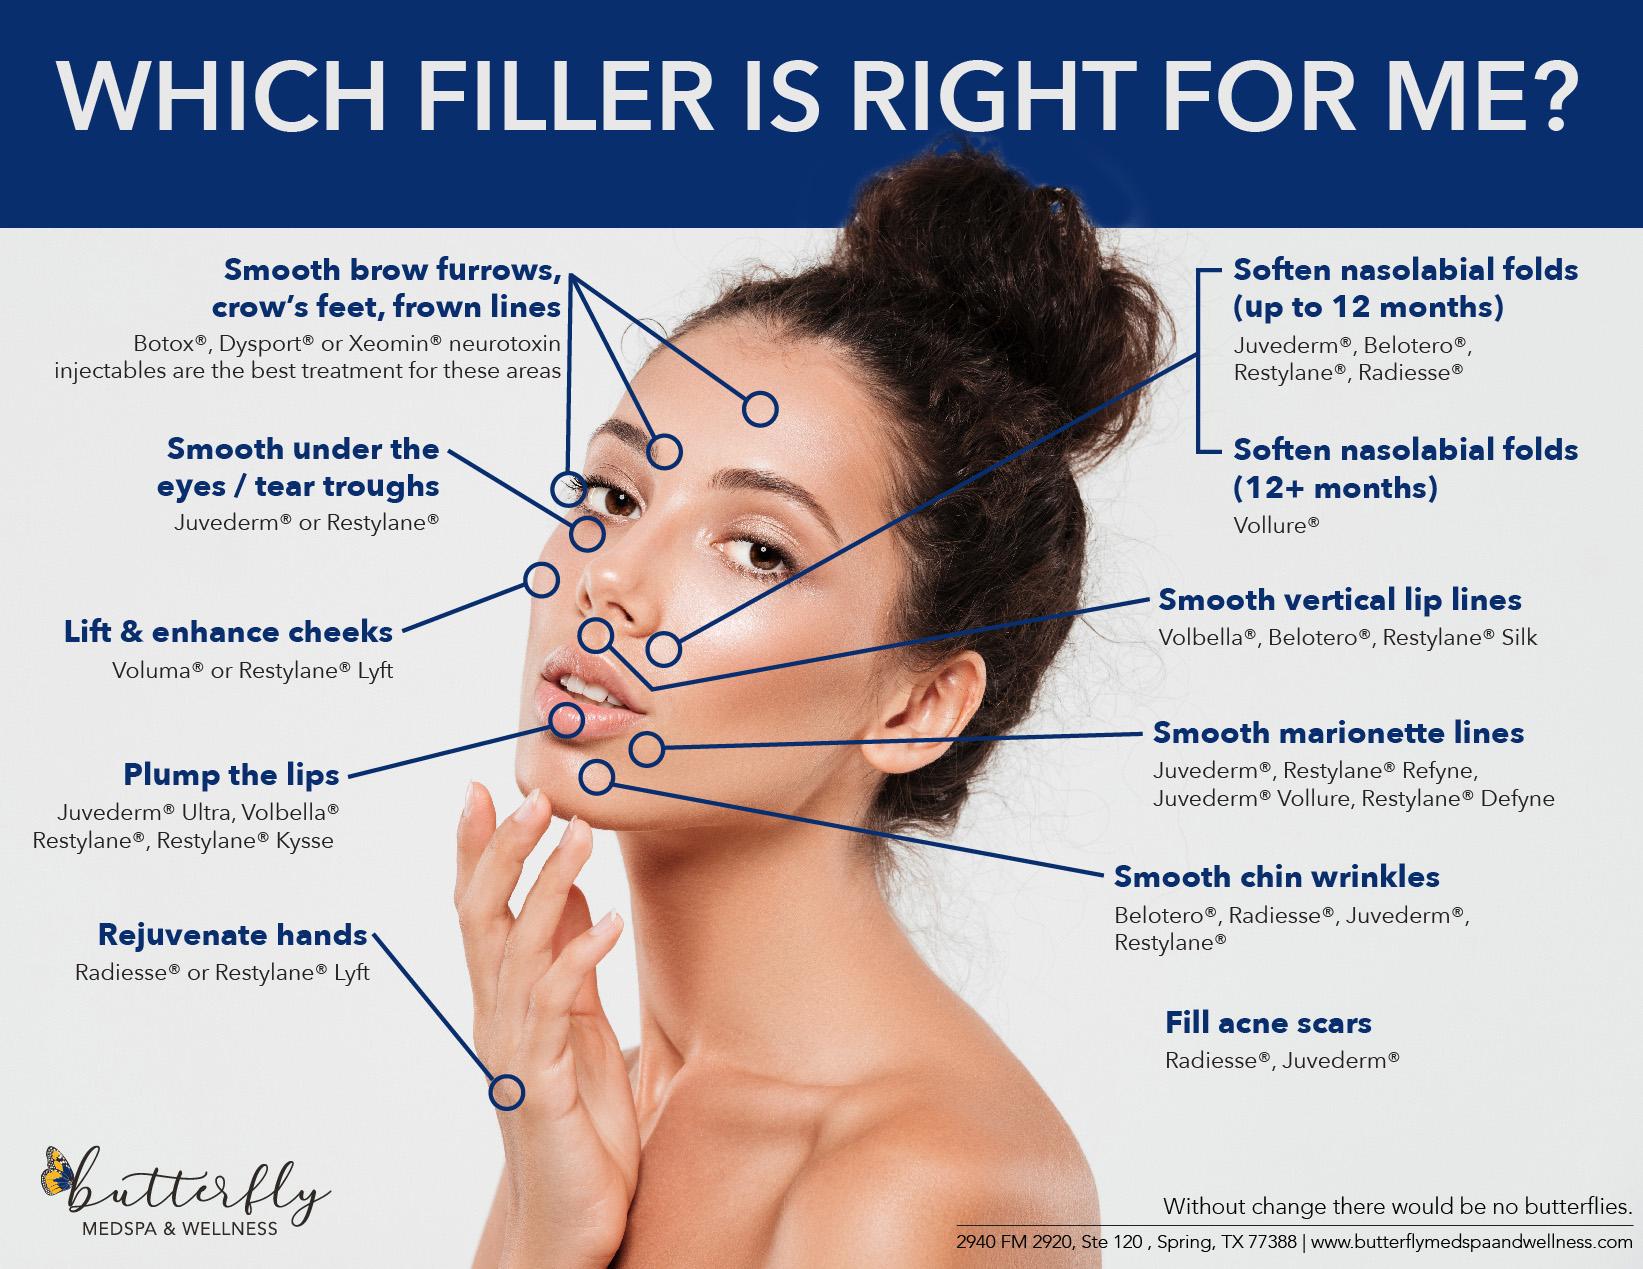 Filler Botox Juviderm Injectables dermal fillers